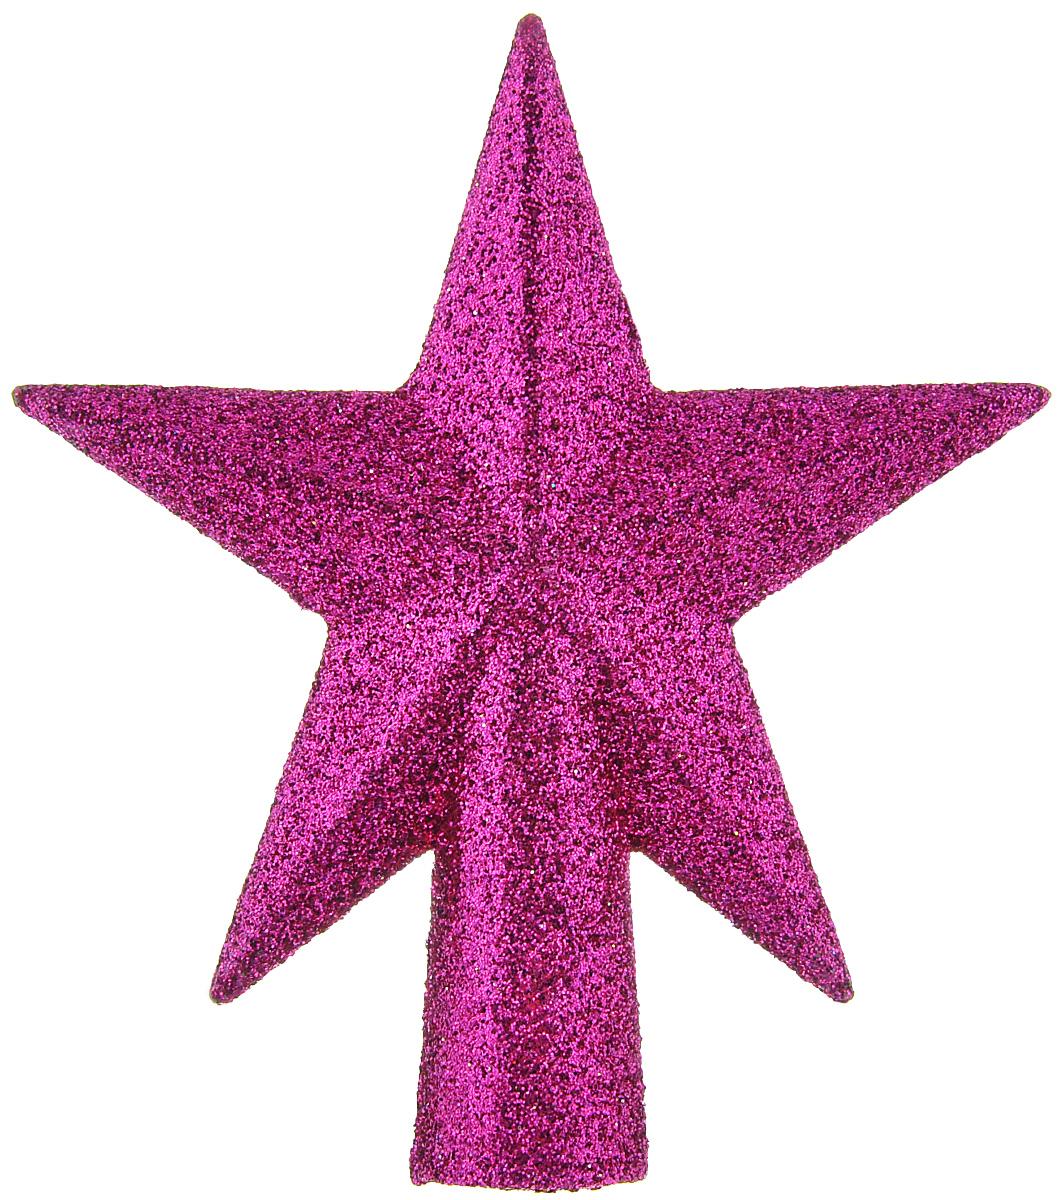 Верхушка на елку Lunten Ranta Сверкающая звезда, цвет: фуксия, высота 10 см65496Верхушка на елку Lunten Ranta Сверкающая звезда прекрасно подойдет для украшения новогодней елки. Изделие выполнено из пластика в виде звезды и декорировано блестками. Верхушка на елку - одно из главных новогодних украшений лесной красавицы. Она принесет в ваш дом ни с чем не сравнимое ощущение праздника!